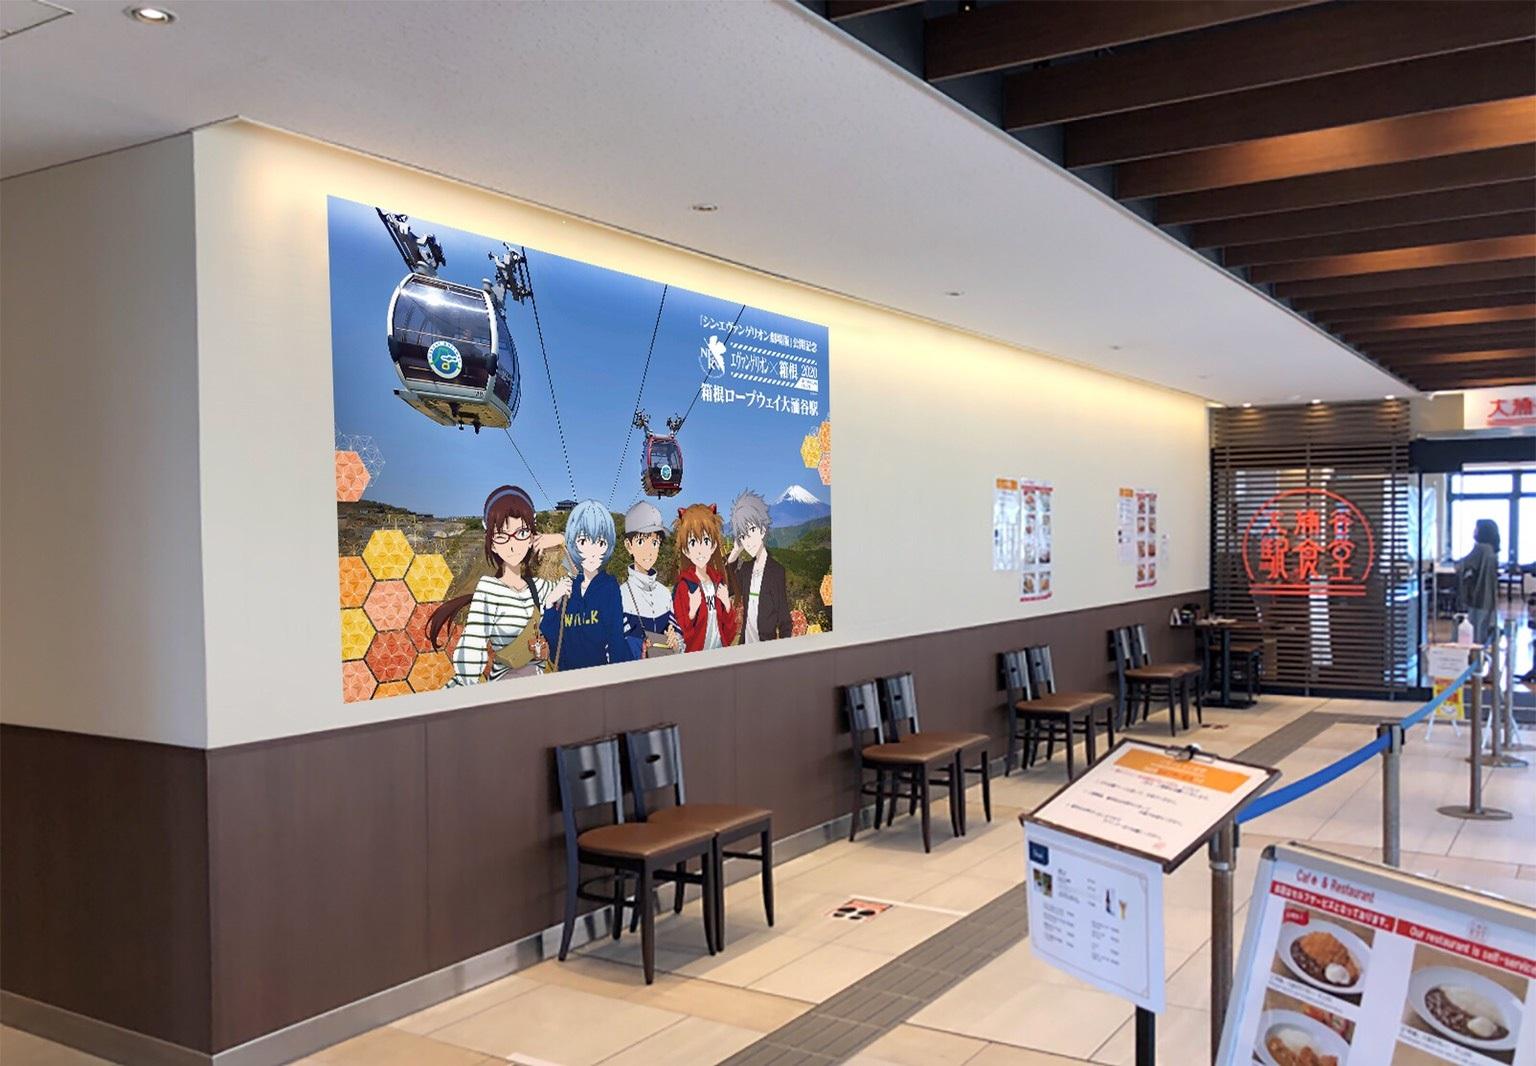 エヴァンゲリオン×箱根のコラボイベントが9月末まで開催期間延長を決定に!